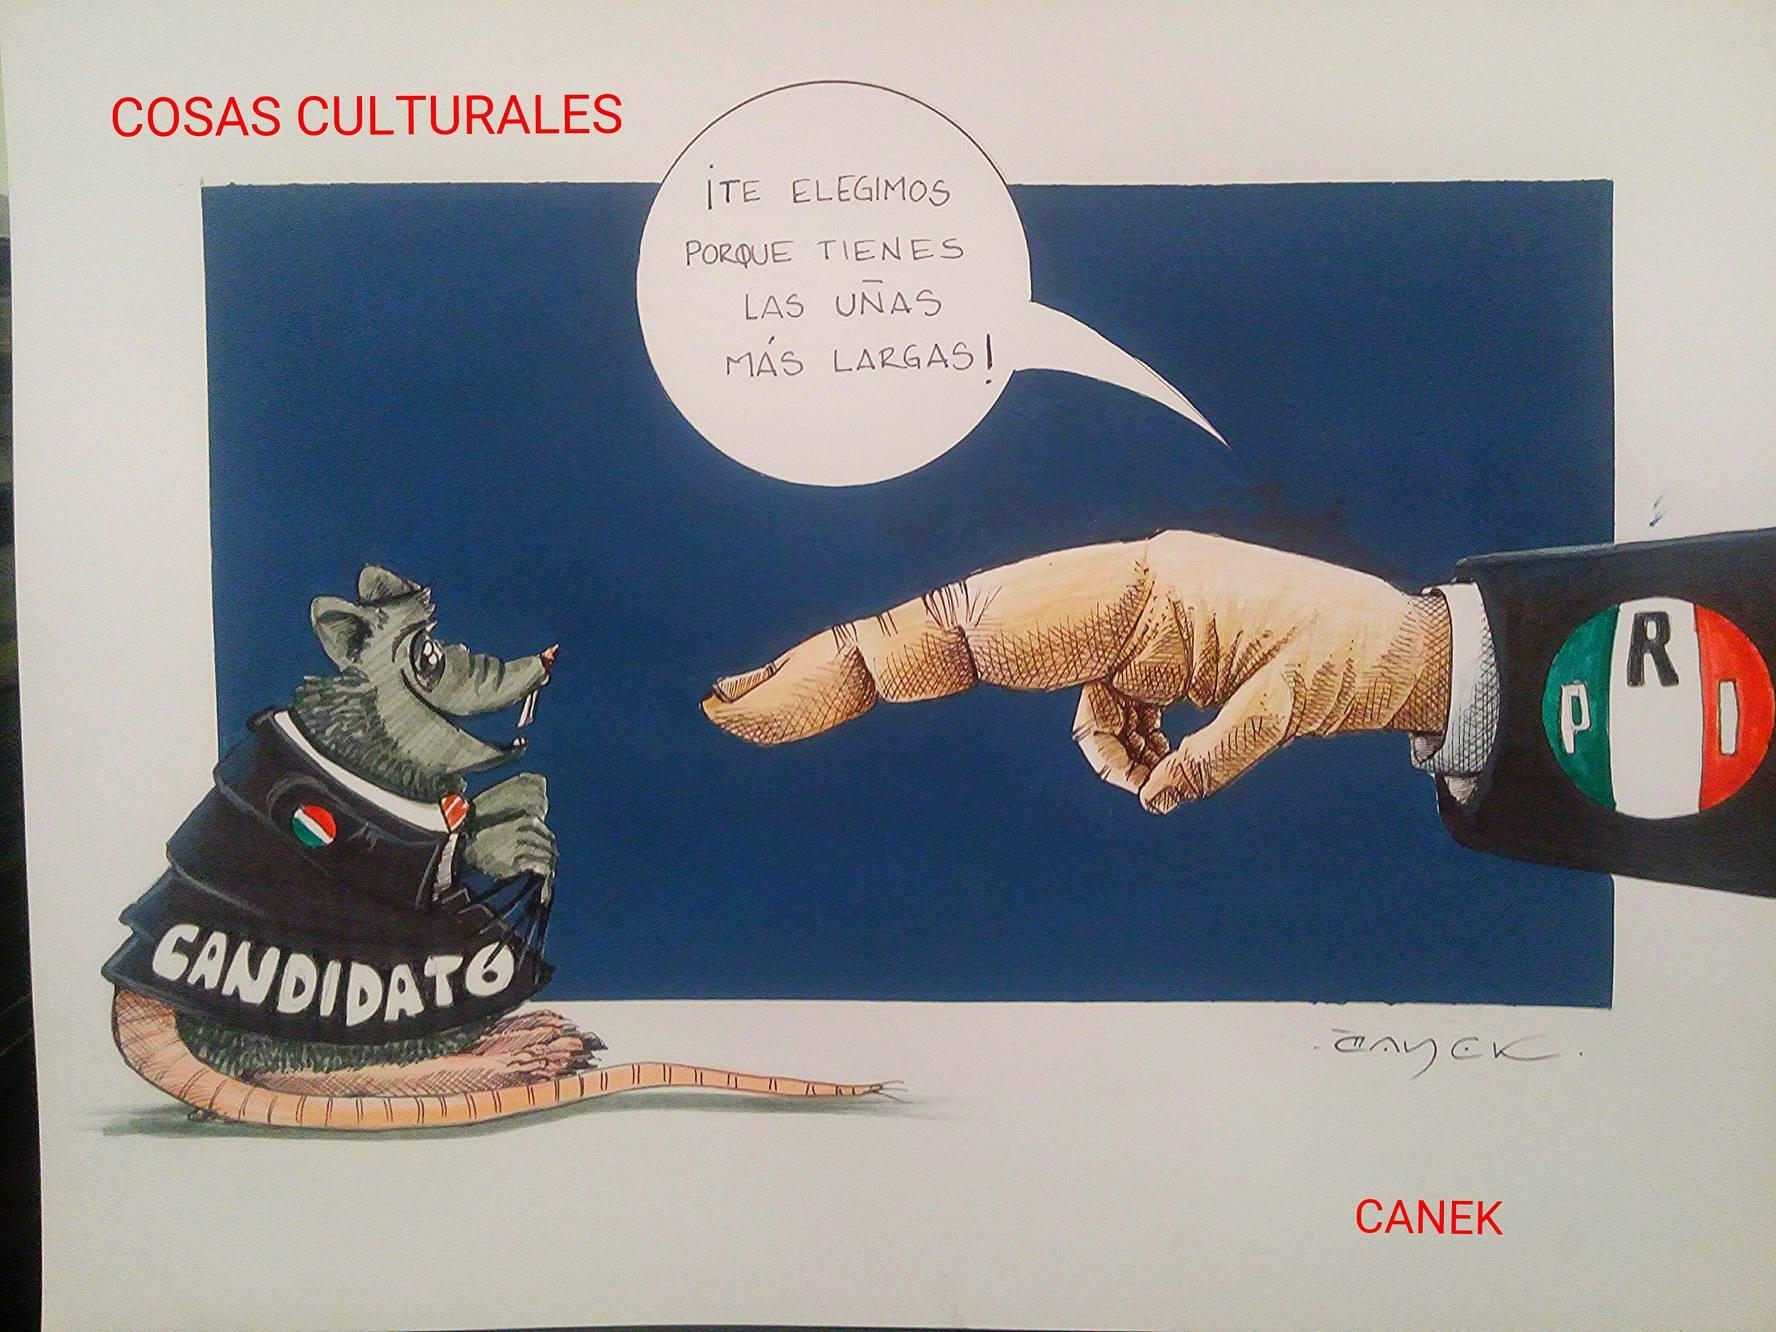 El Cartón por Canek Leyva